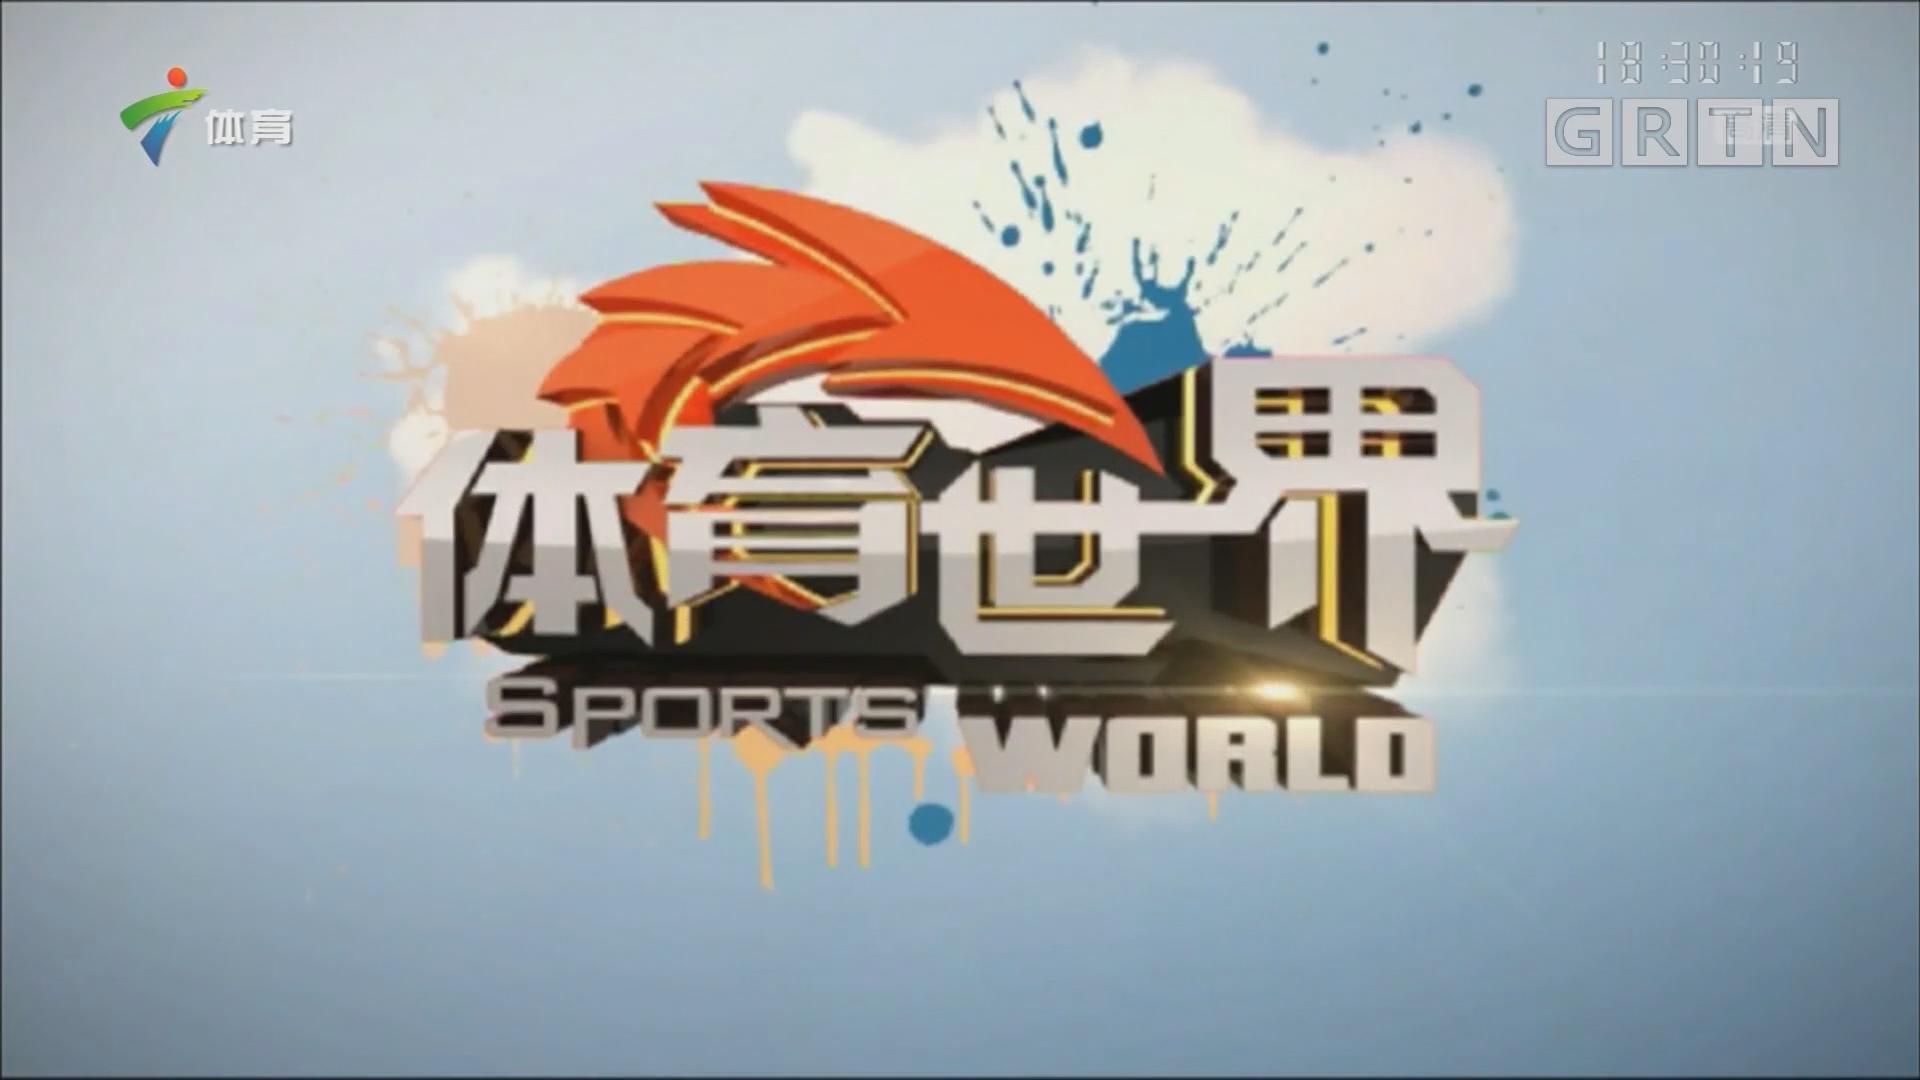 [HD][2018-03-11]体育世界:中国龙舟公开赛东莞麻涌站 广东队伍发挥出色